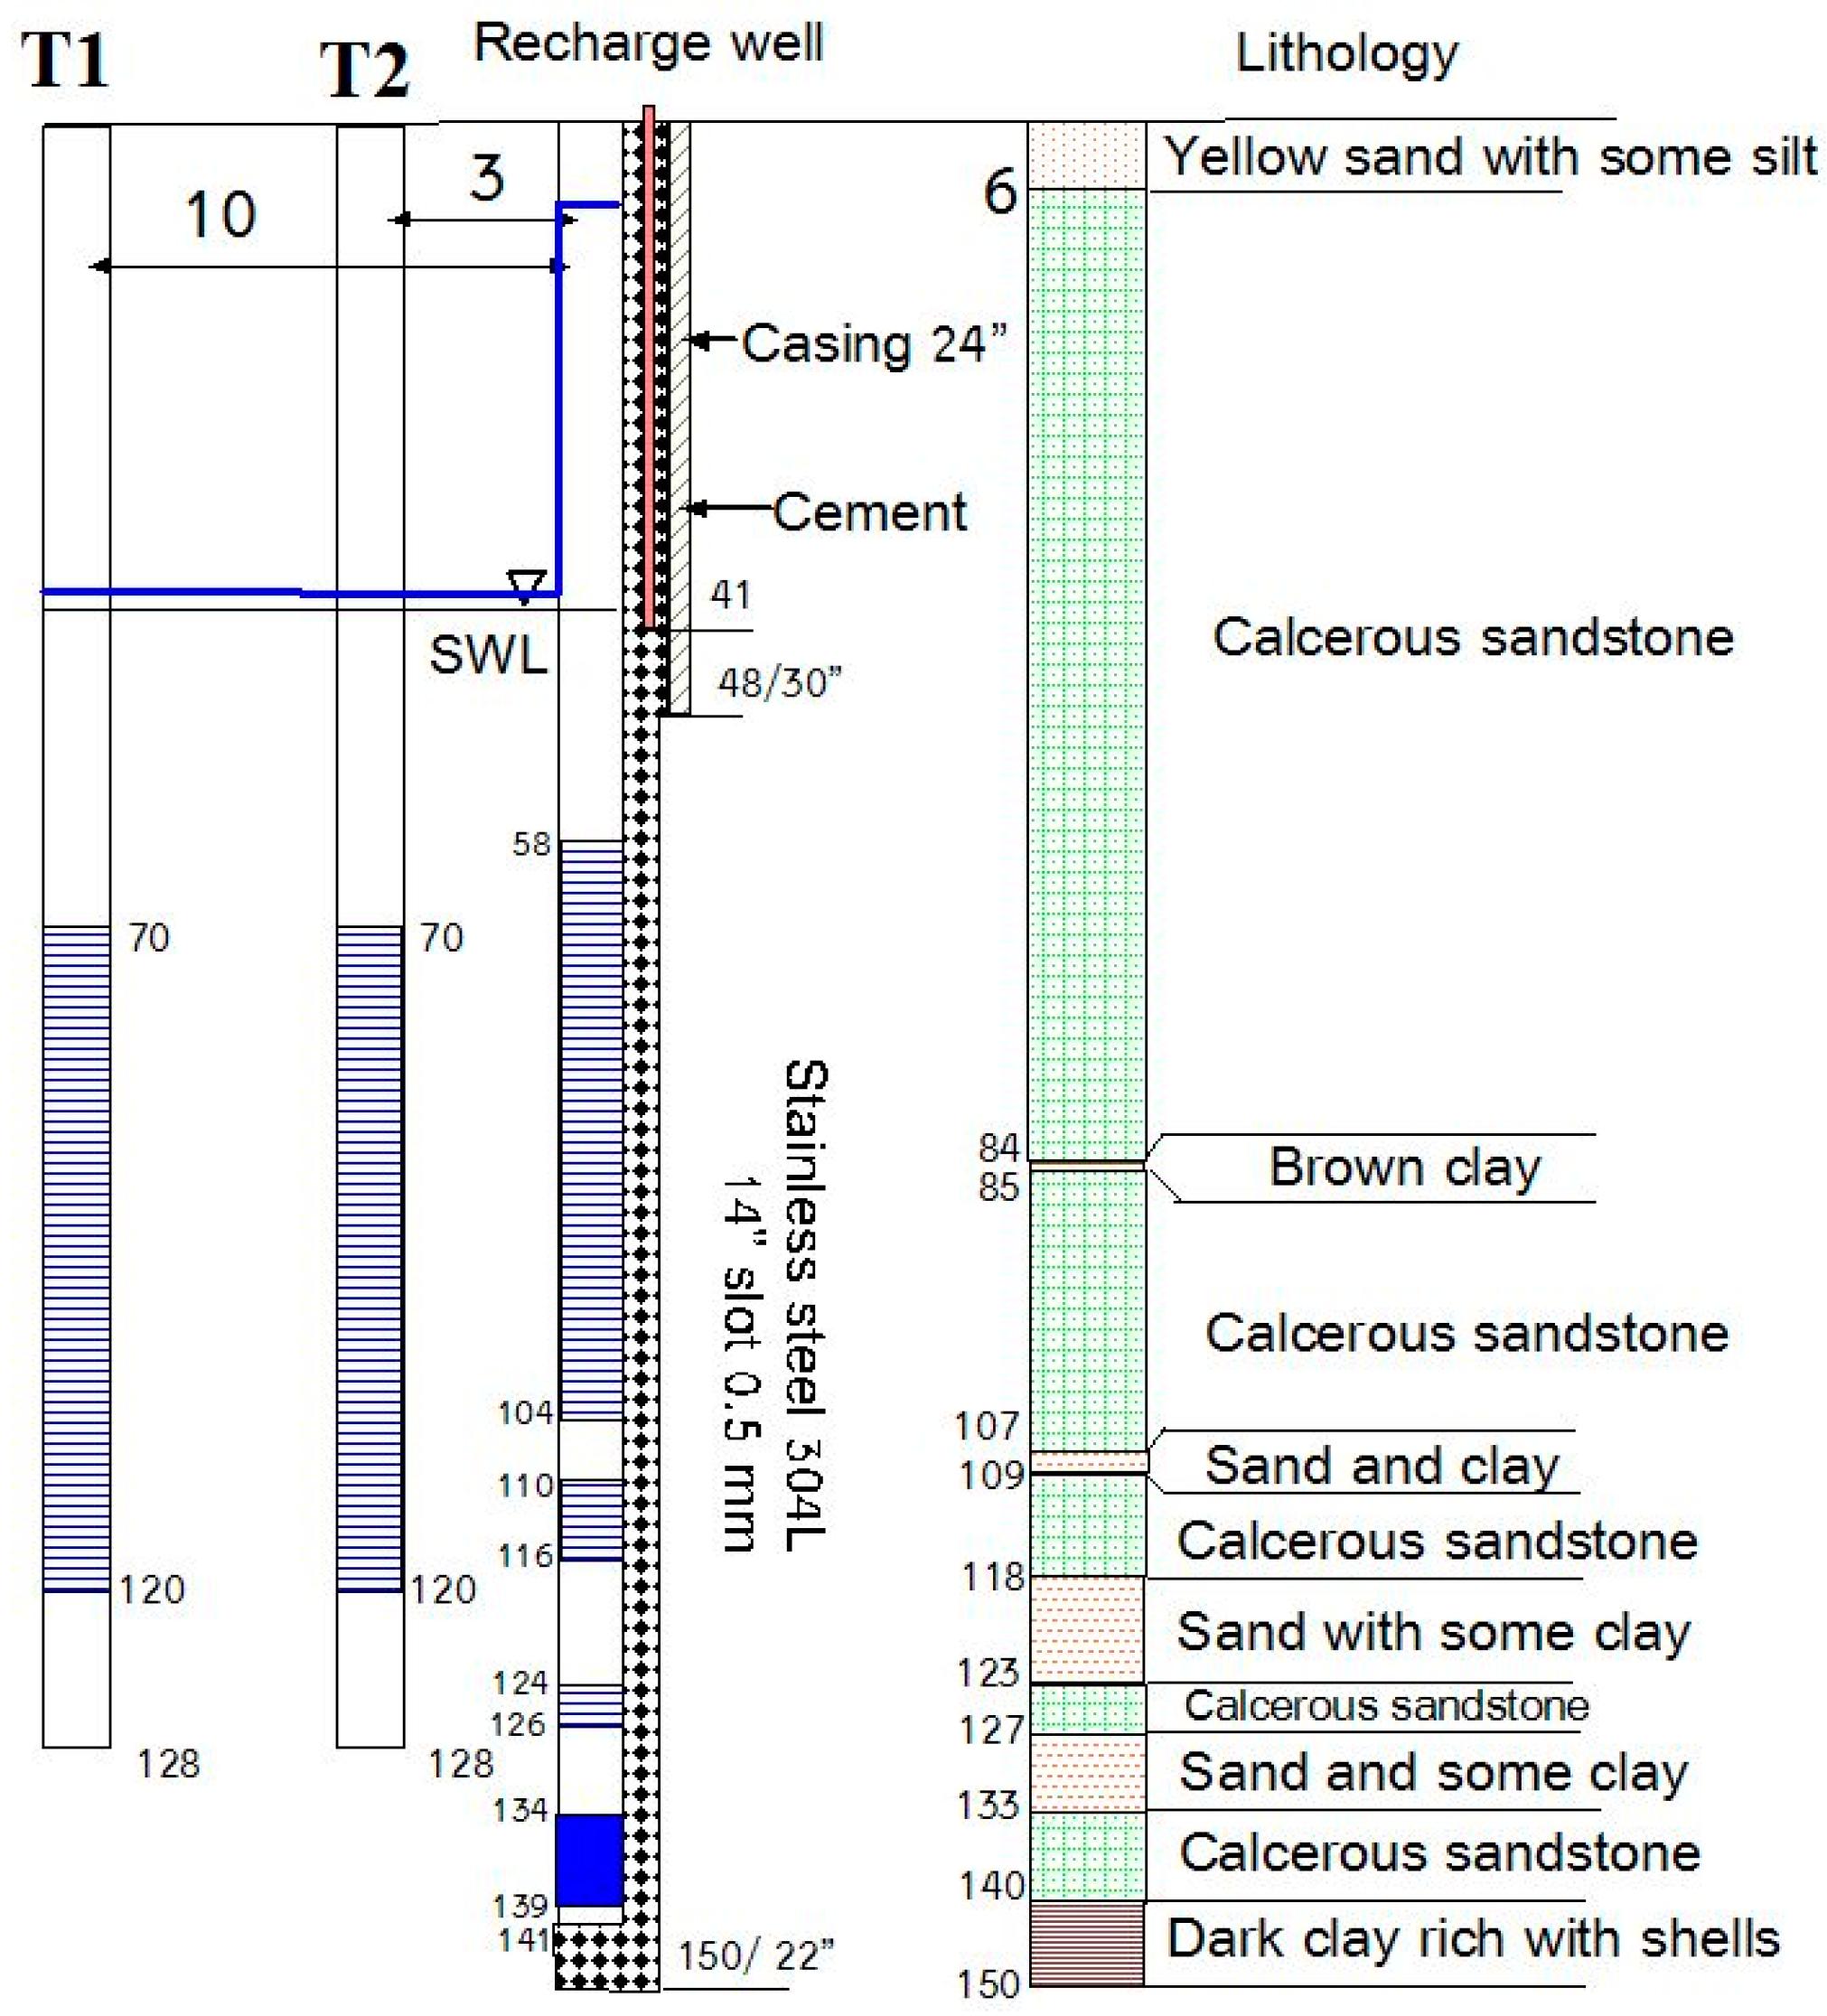 4 Inch Well Diagram Wire Data Schema Pump Schematic Sandstone Enthusiast Wiring Diagrams U2022 Rh Rasalibre Co Home Water